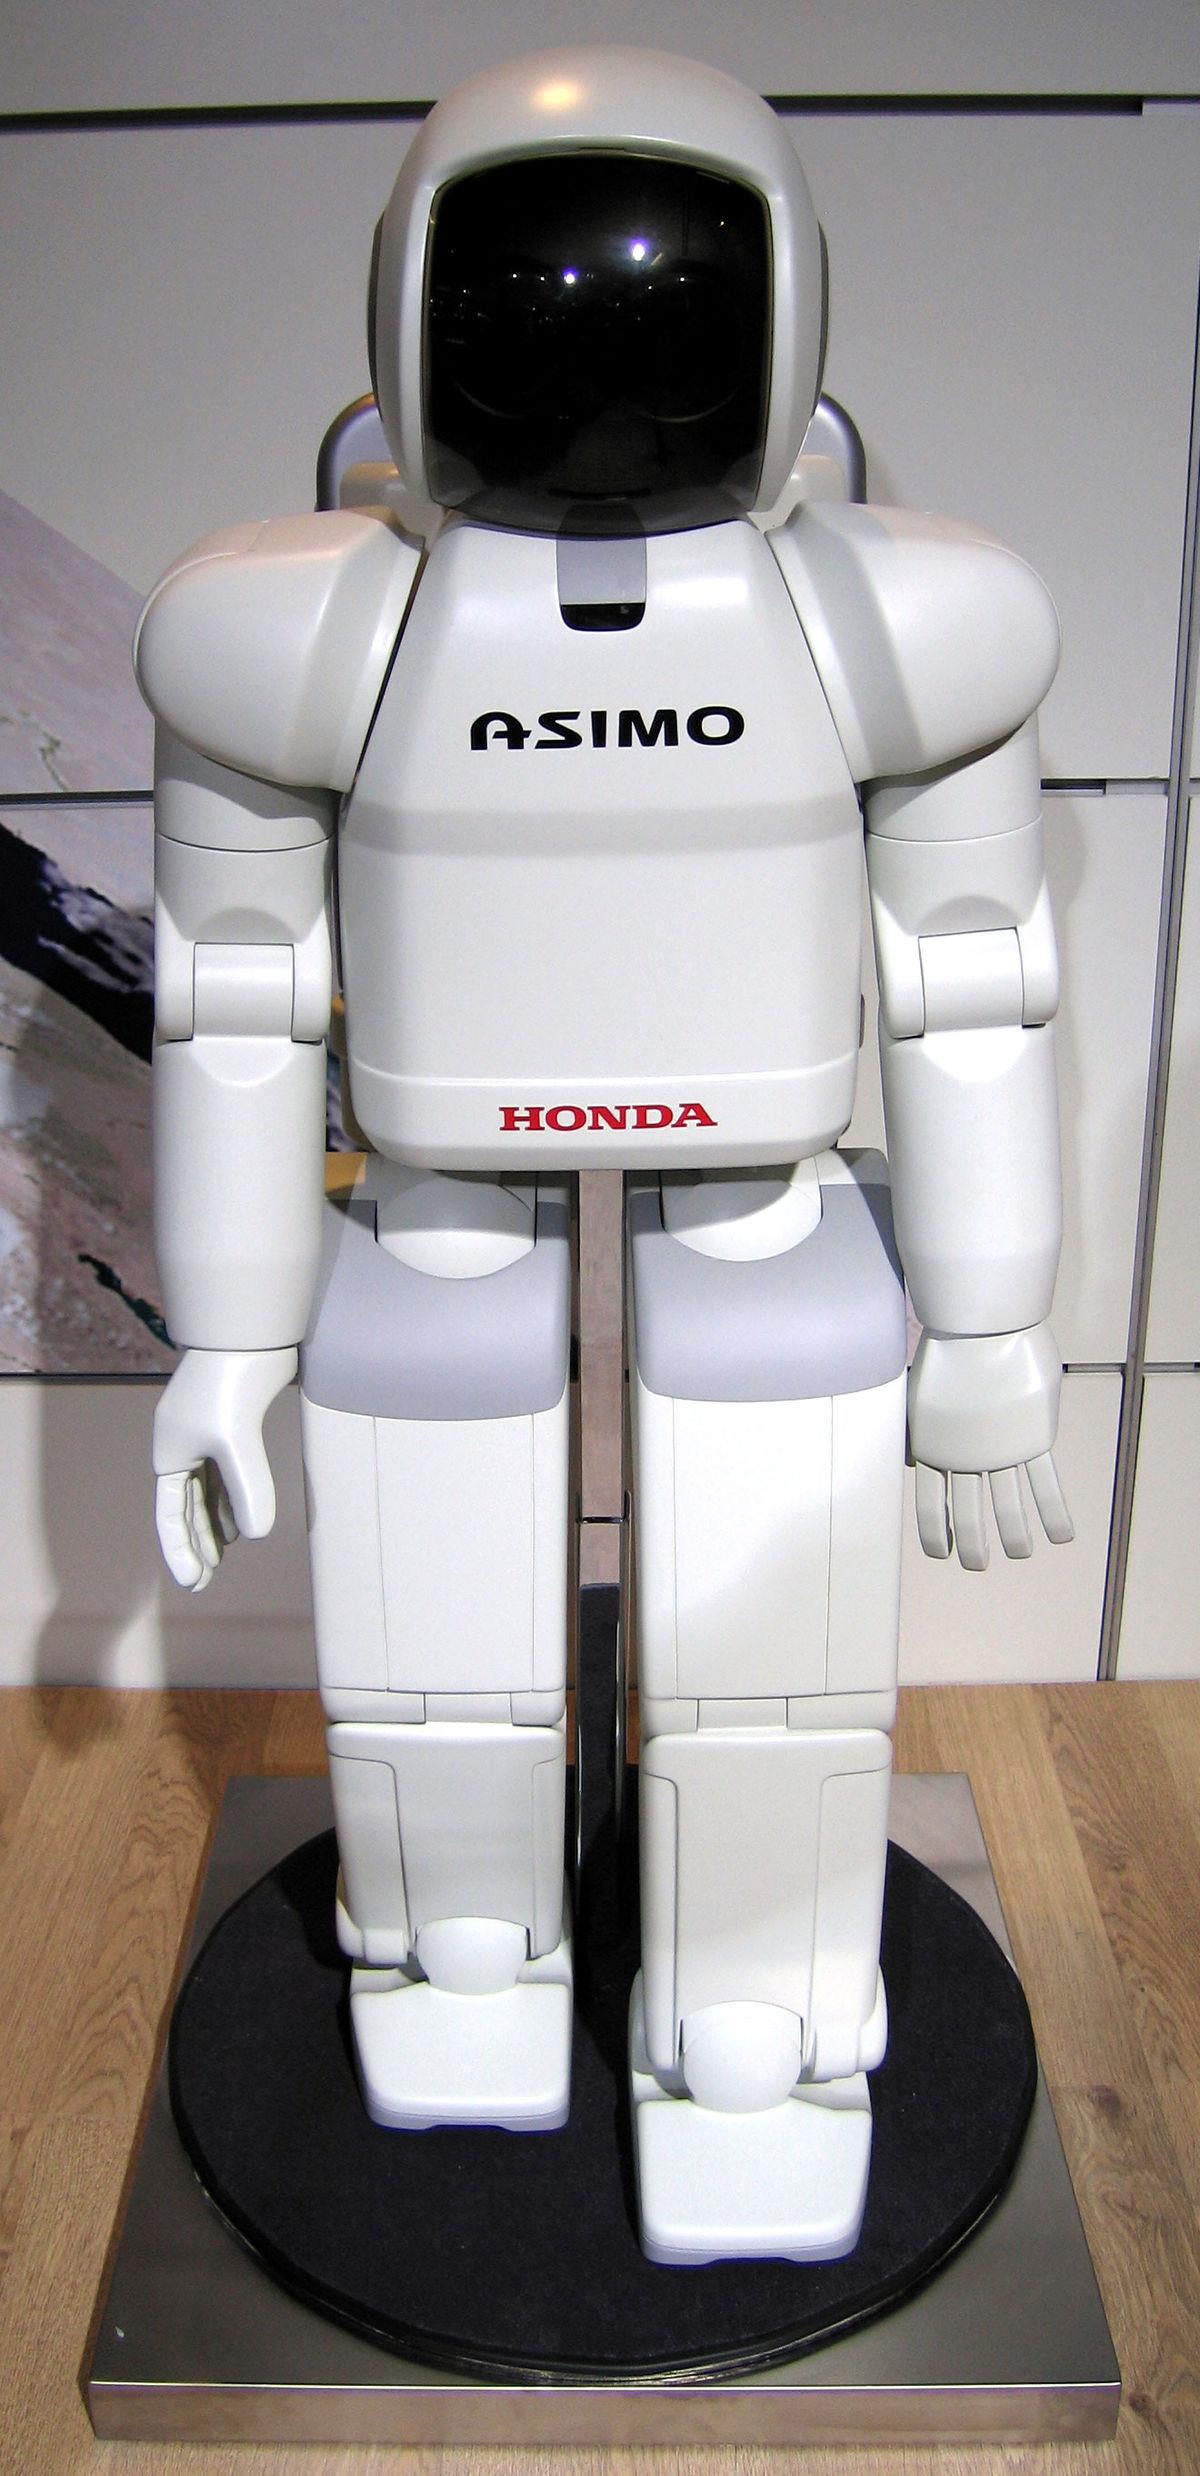 ASIMO - Viquipèdia, l'enciclopèdia lliure